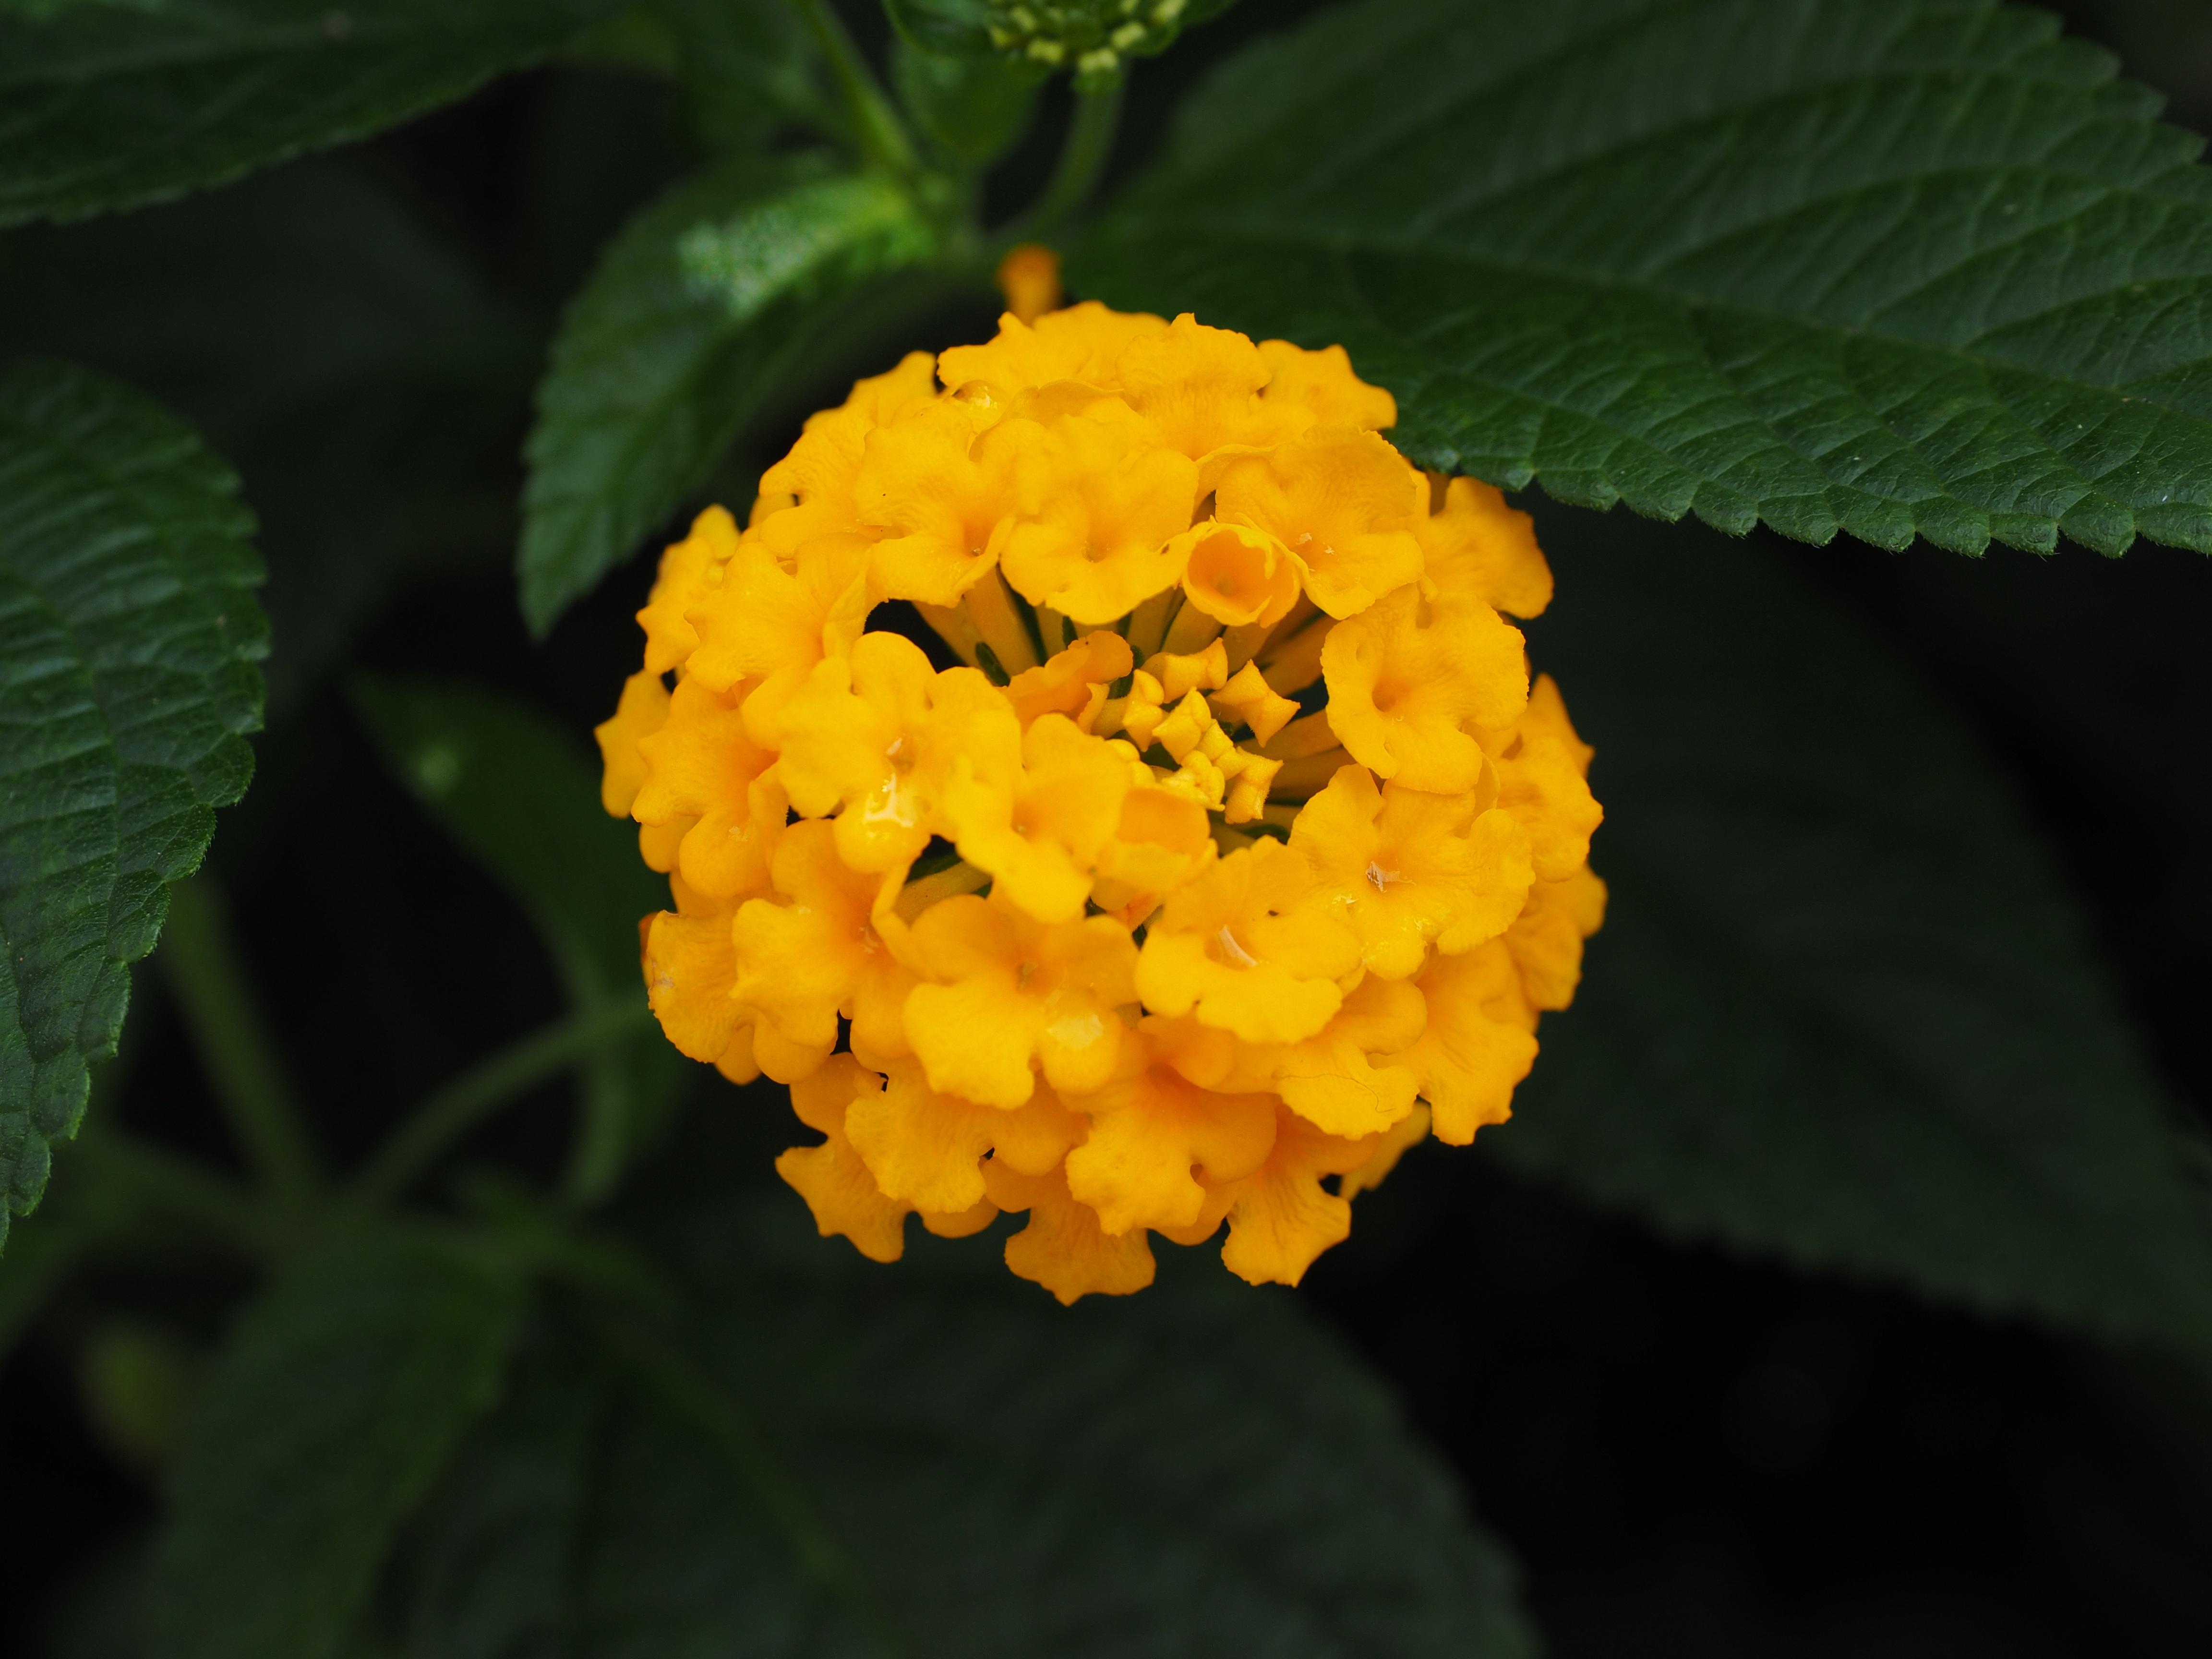 Images Gratuites : fleur, feuille, Floraison, produire, botanique ...